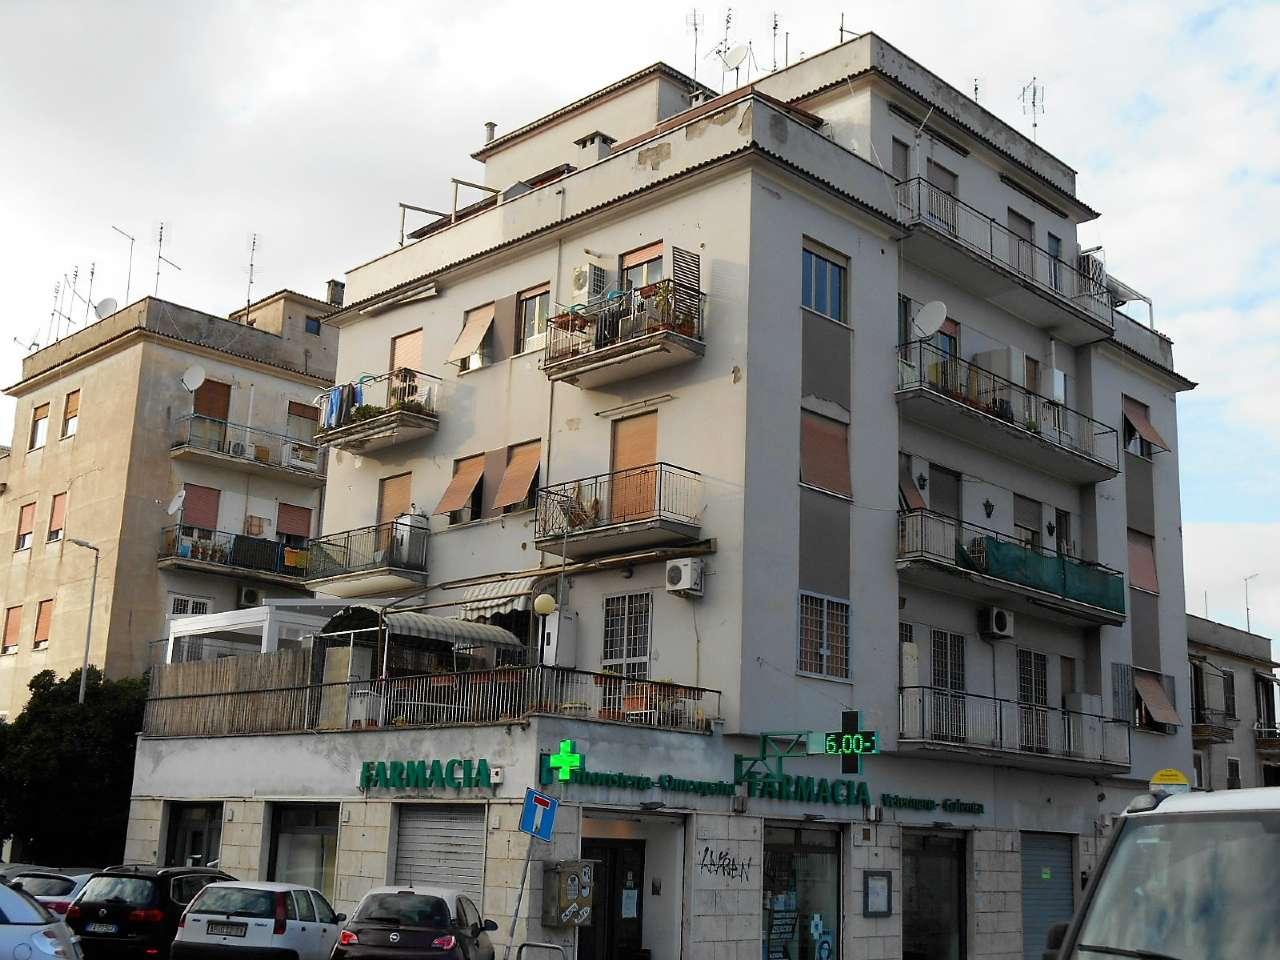 Appartamento in vendita a Roma, 3 locali, zona Zona: 11 . Centocelle, Alessandrino, Collatino, Prenestina, Villa Giordani, prezzo € 139.000 | CambioCasa.it